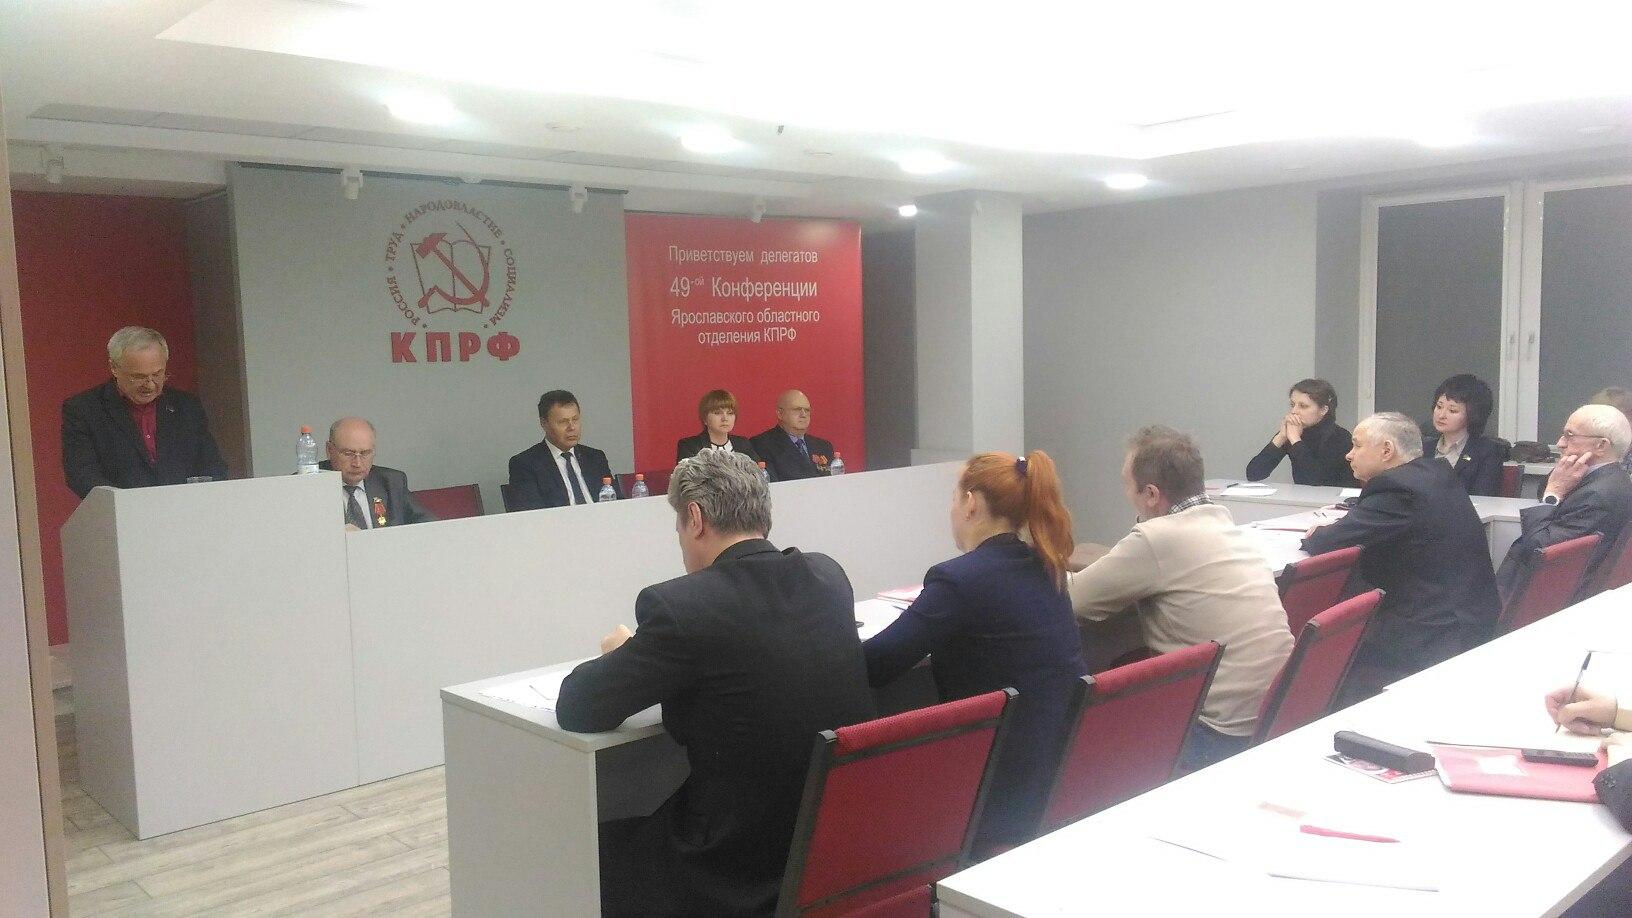 Началась работа отчётной конференции Ярославского областного отделения КПРФ.